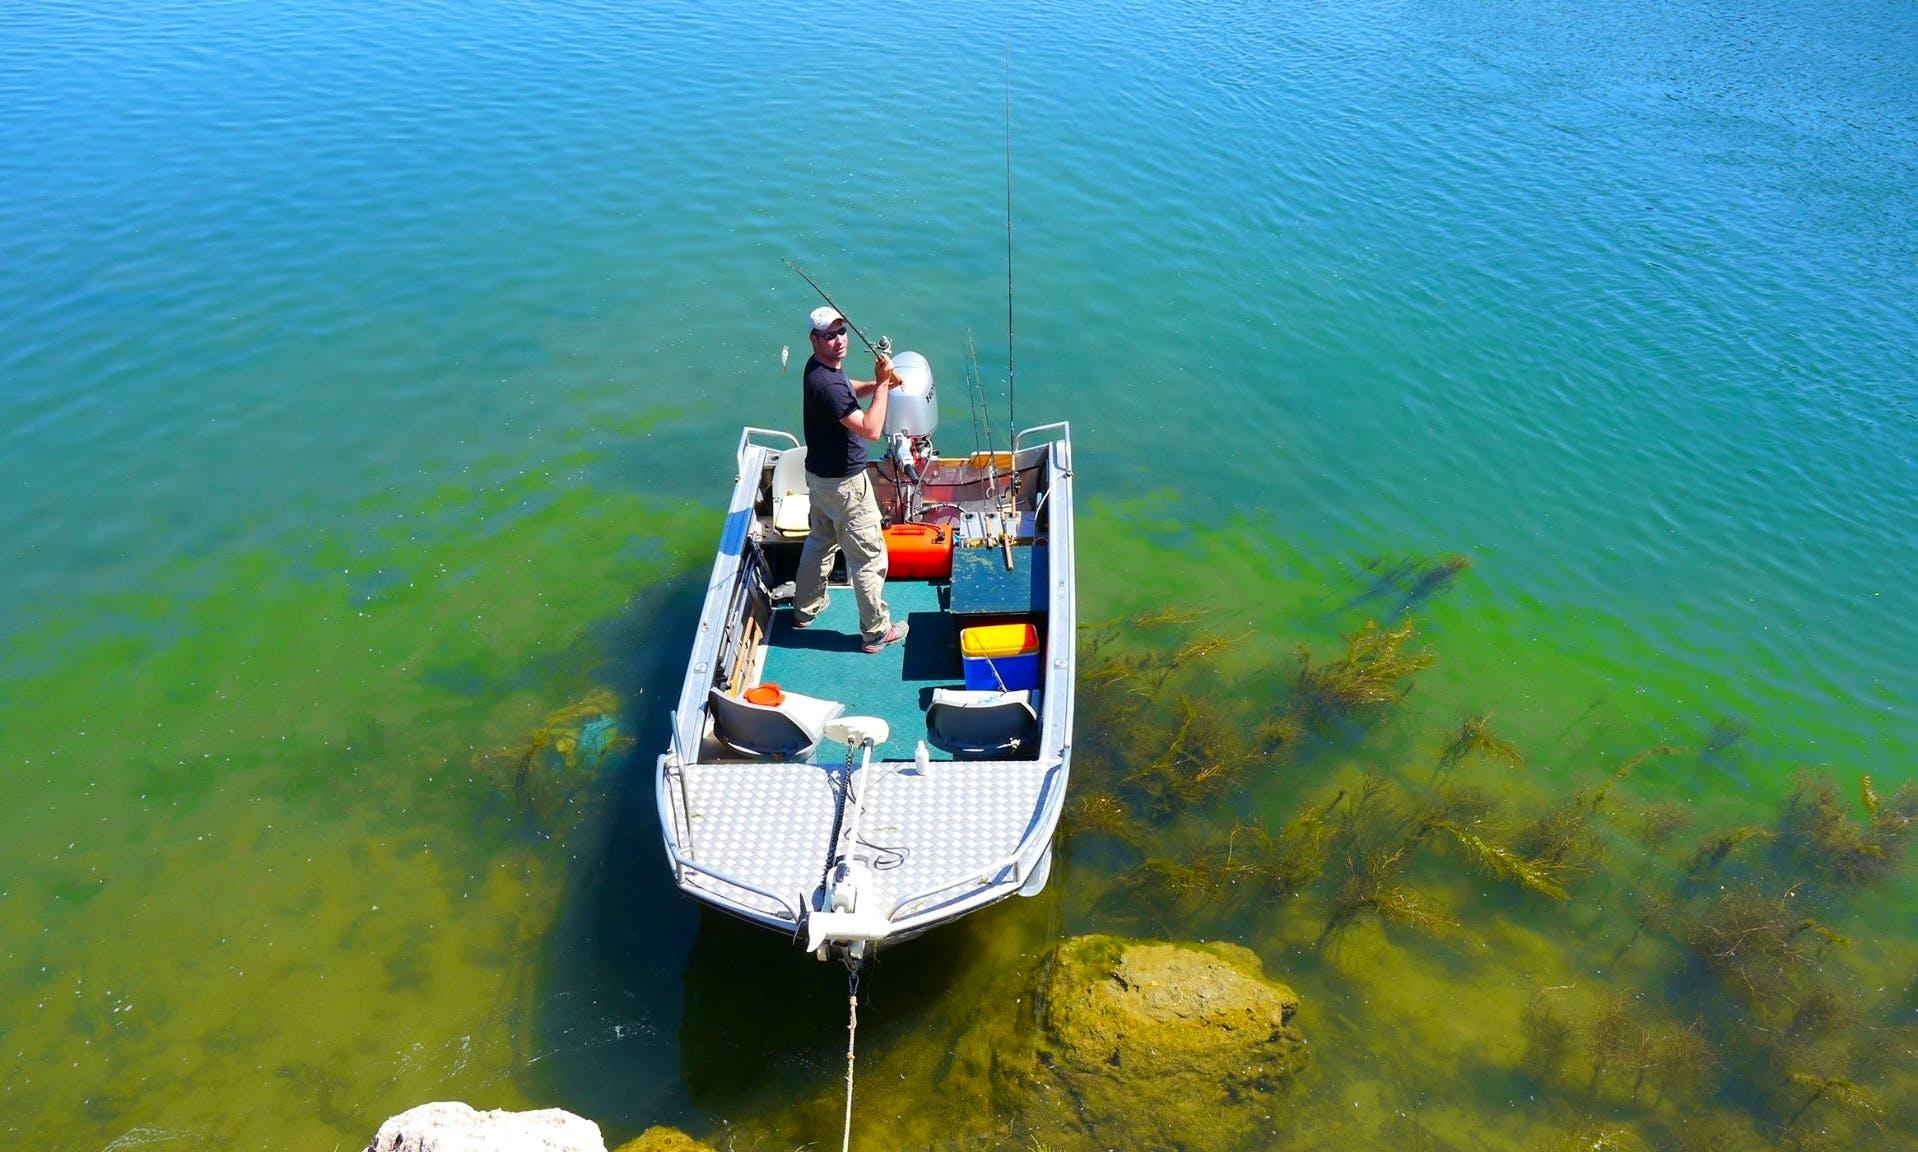 Carp Fishing Charter in Tortosa, Spain